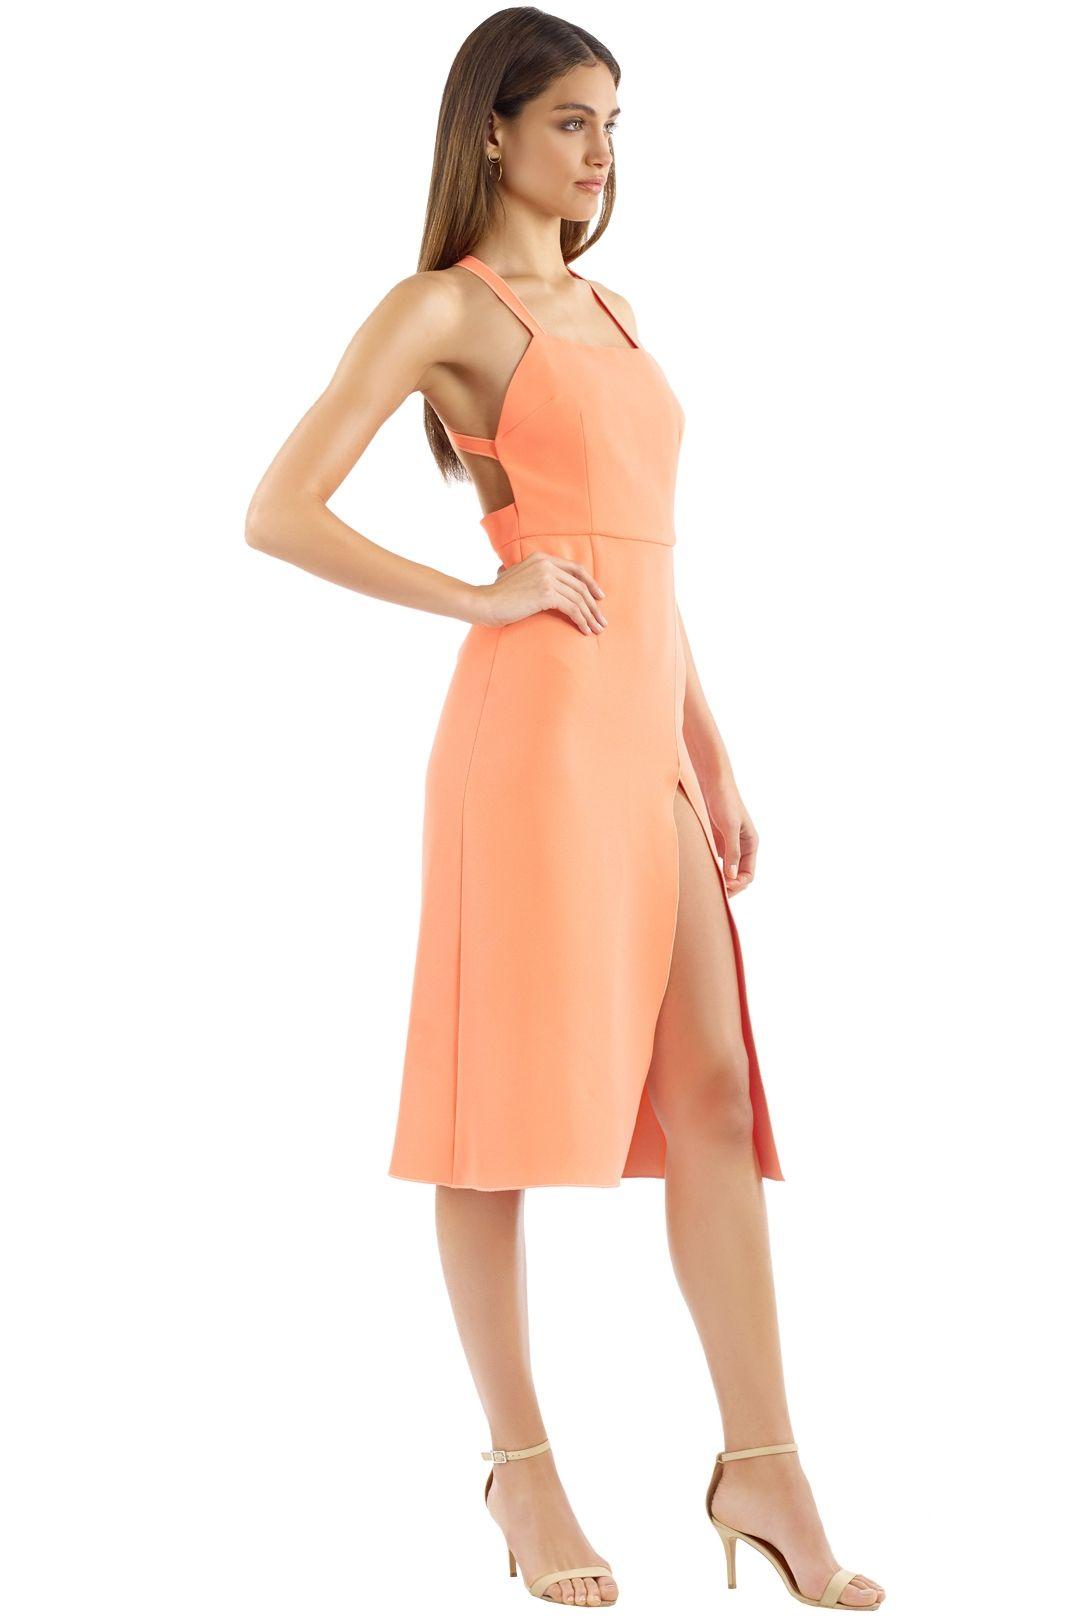 Yeojin Bae - Lilian Dress - Neon Orange - Side